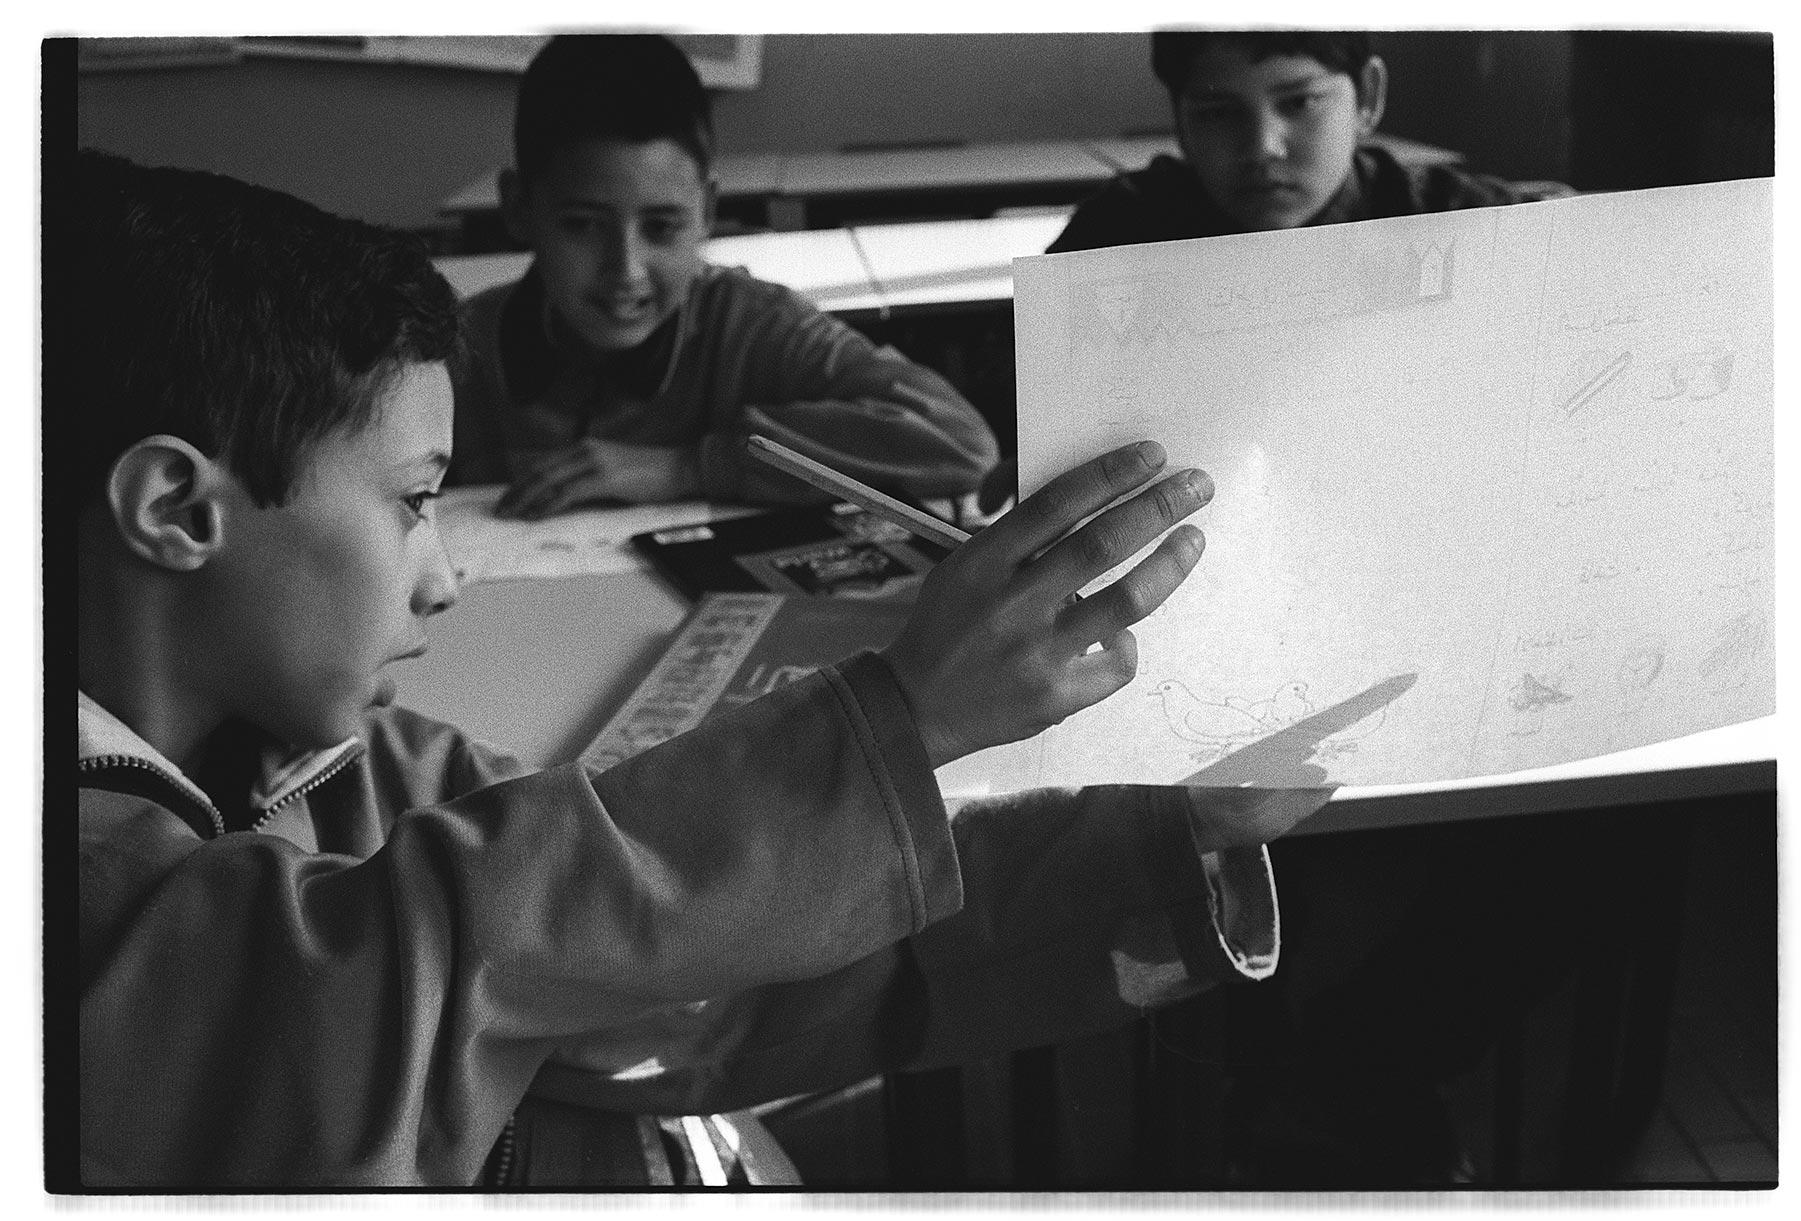 vincenzo-cottinelli-imparando-larabo-in-una-scuola-italiana-min